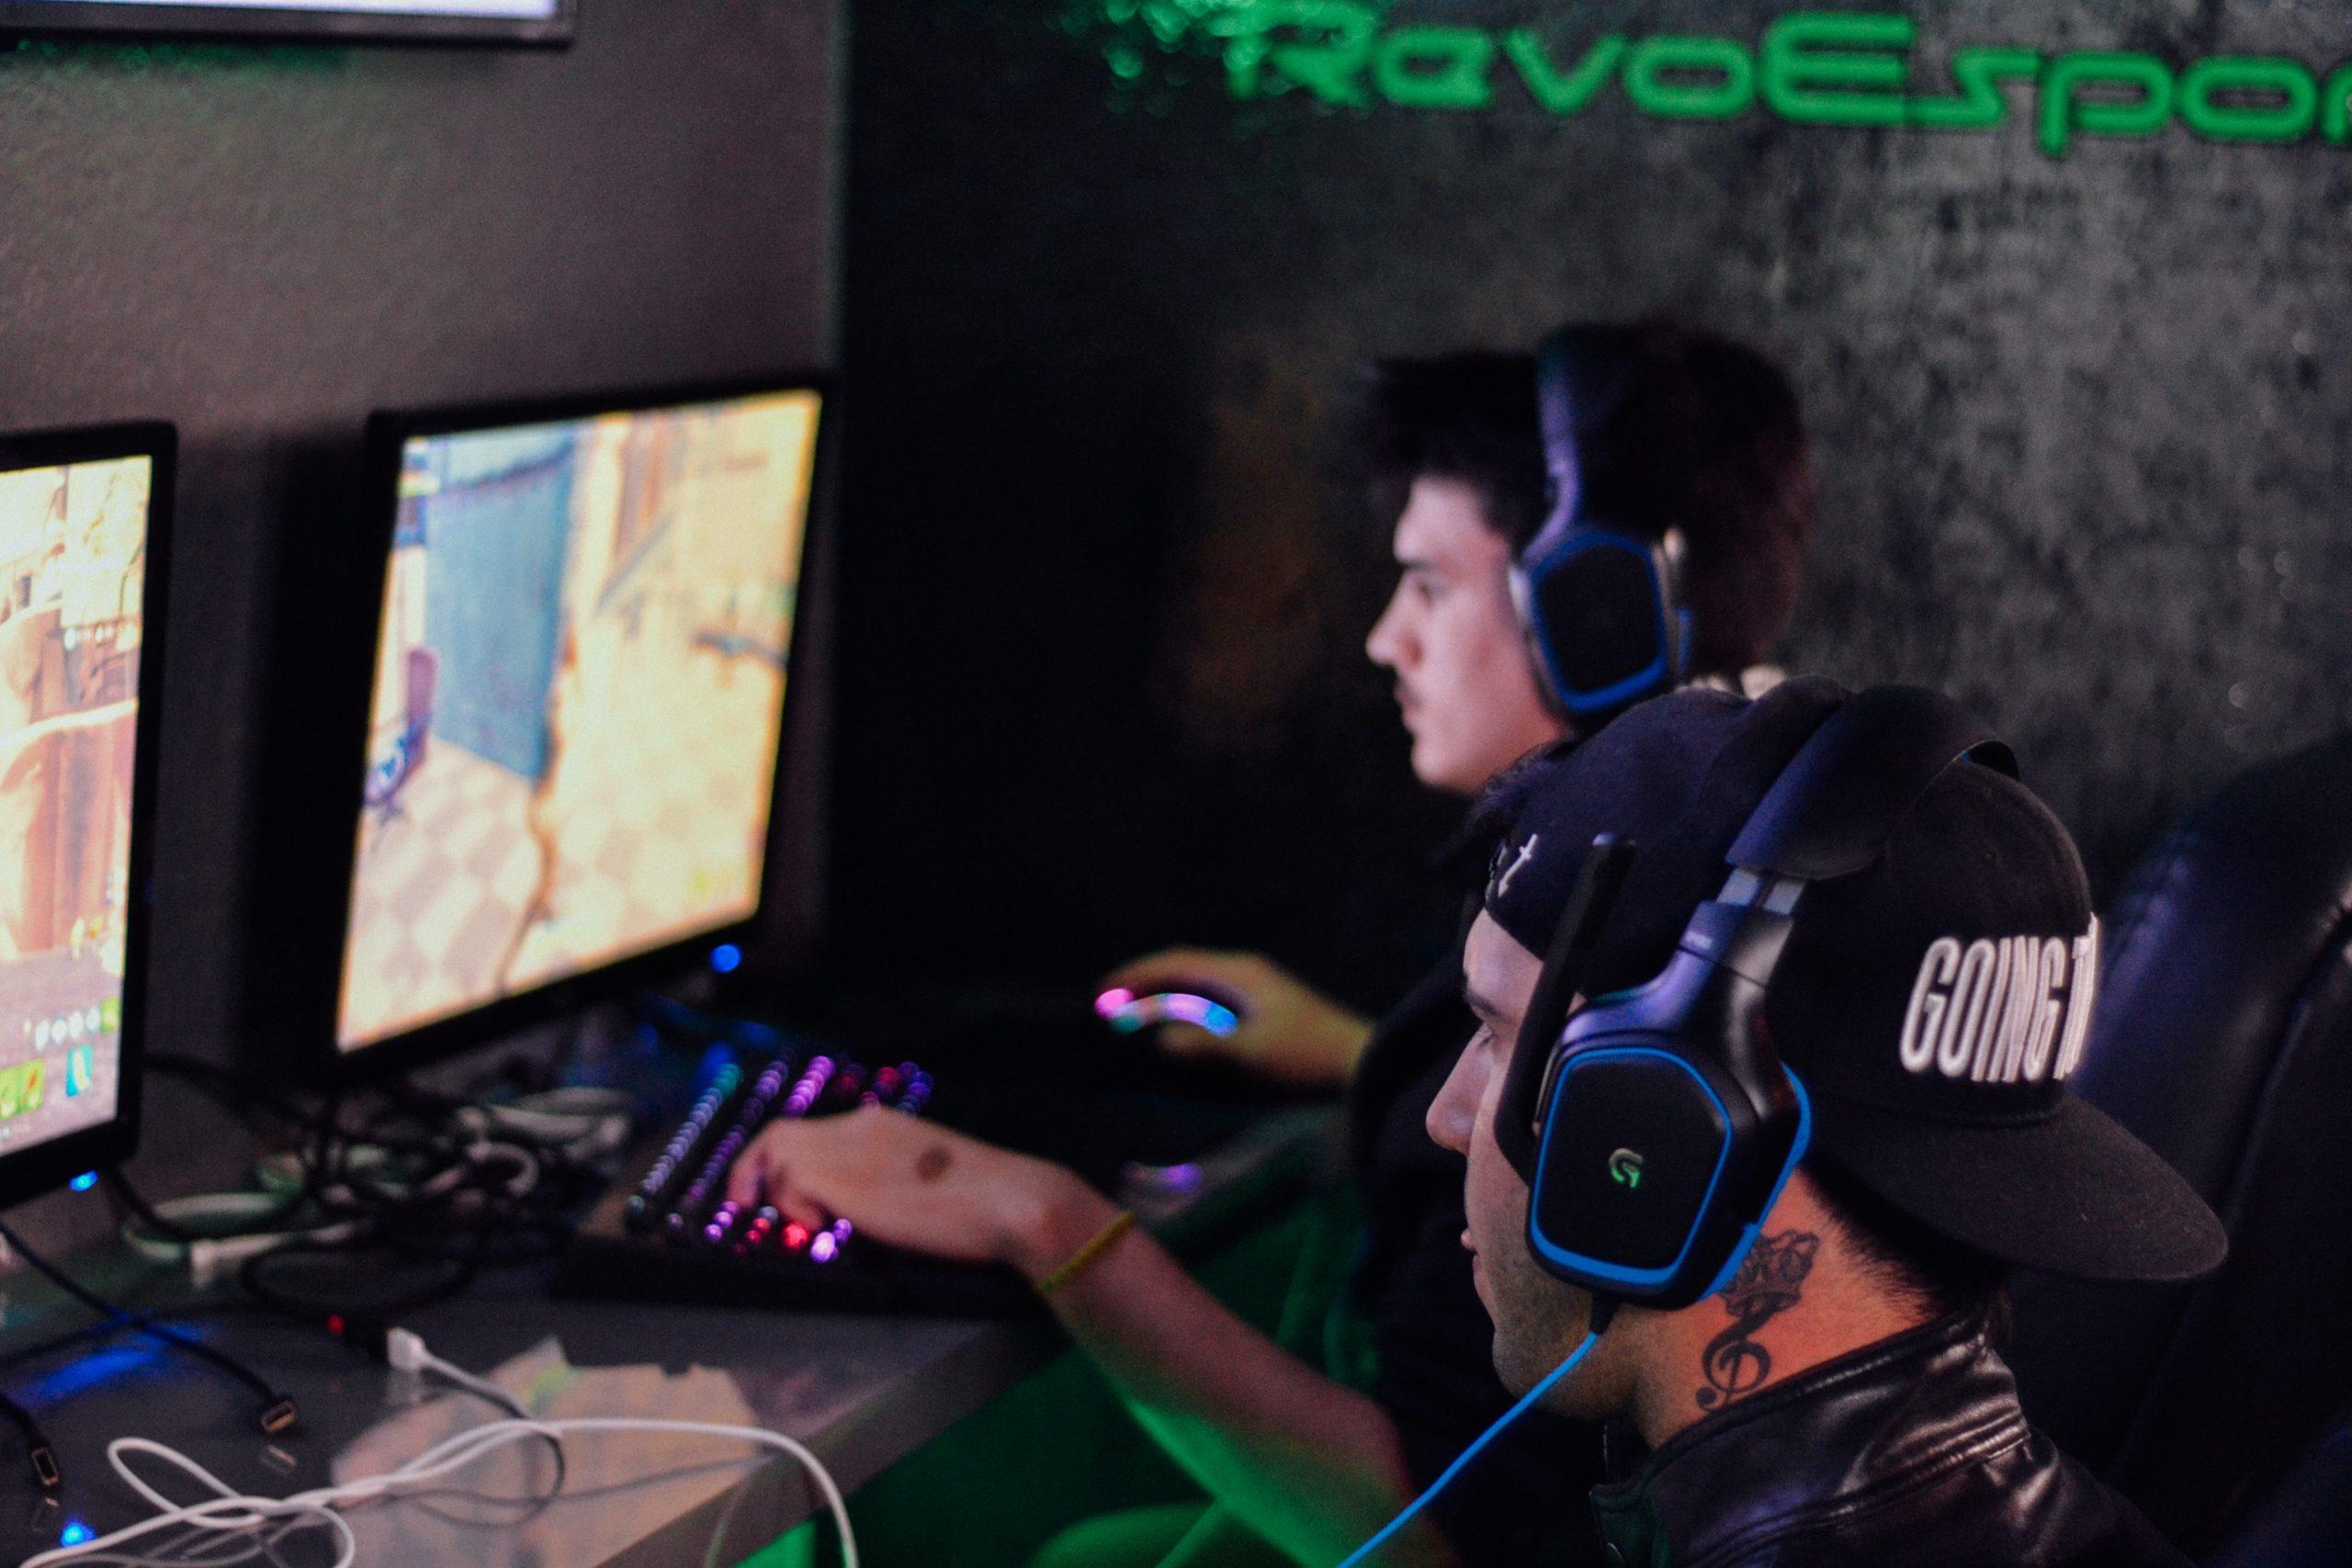 Dois gamers jogando jogo FPS com dois headsets cada um